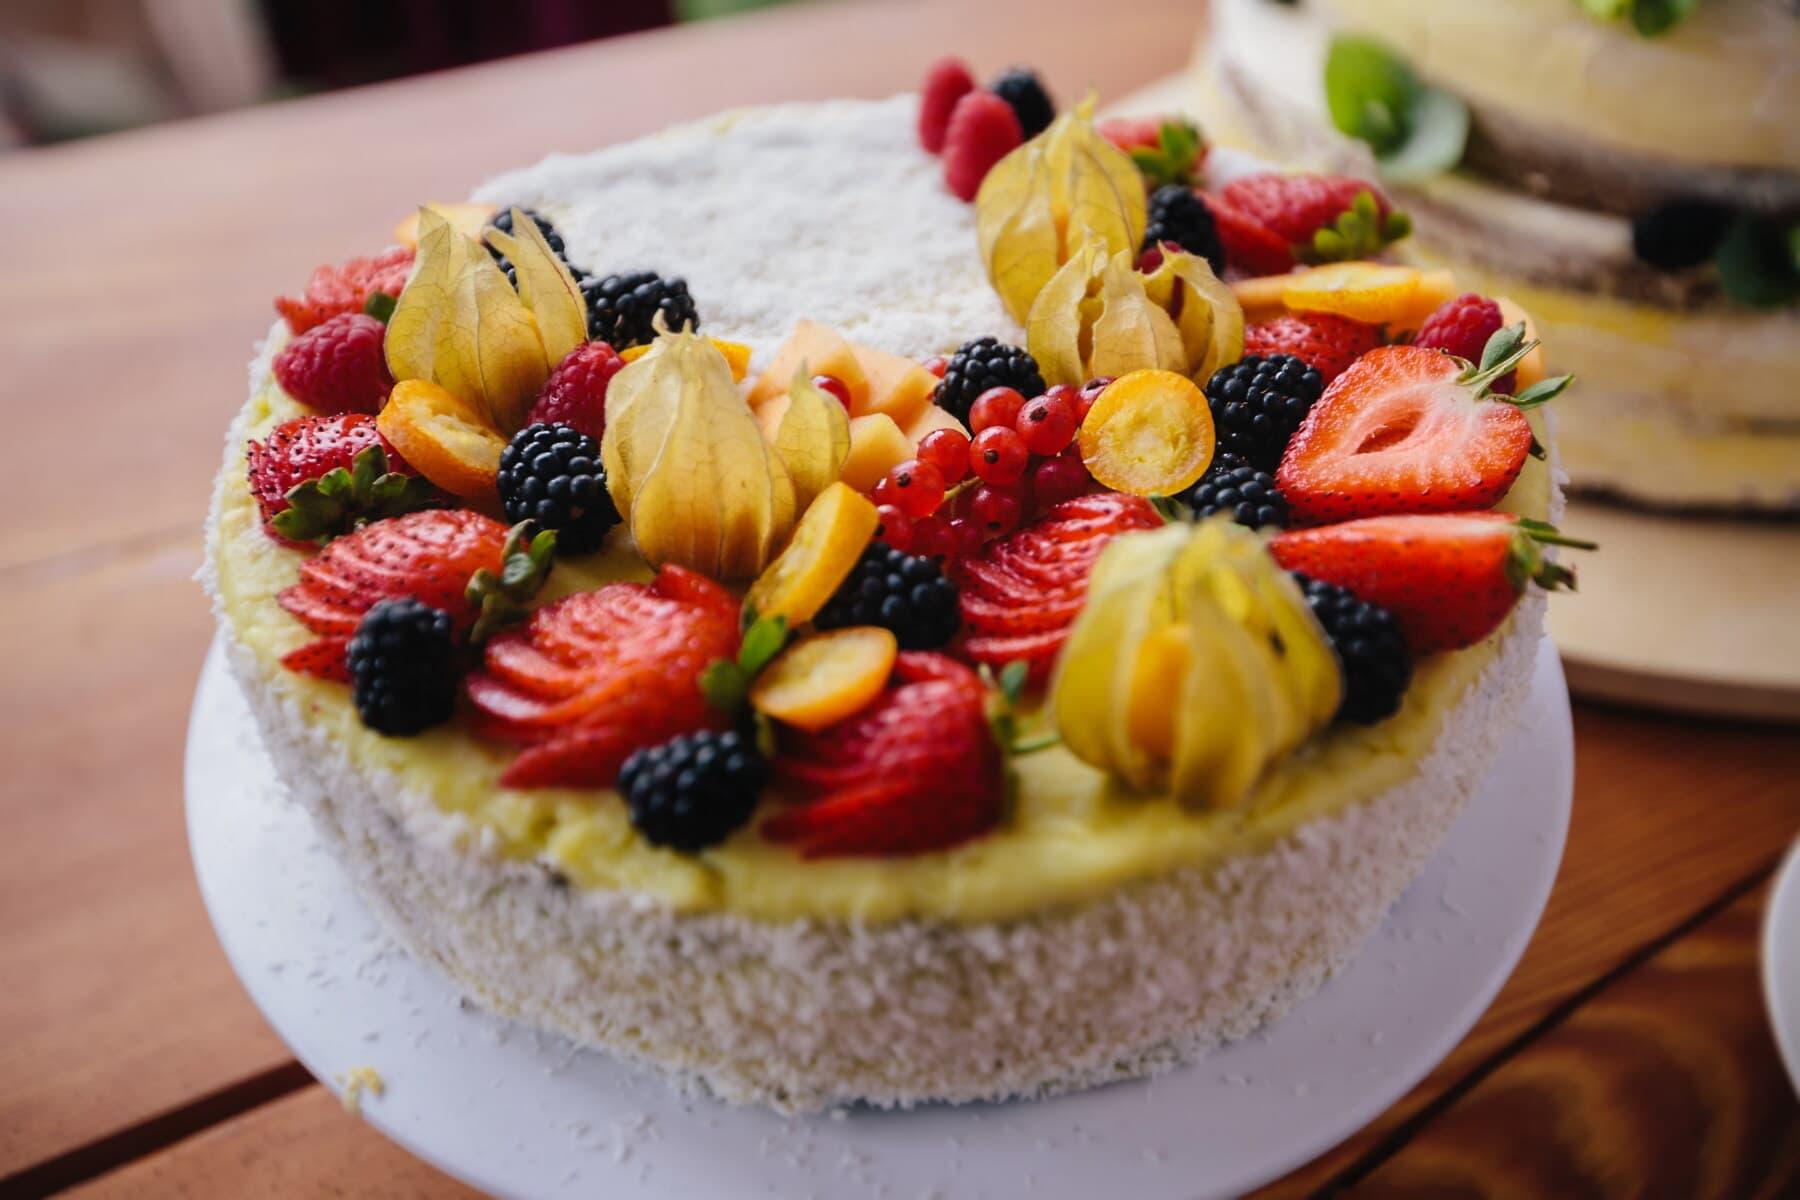 Erdbeeren, Obst, Kuchen, Brombeere, süß, Erdbeere, Beere, Gericht, Essen, Mahlzeit